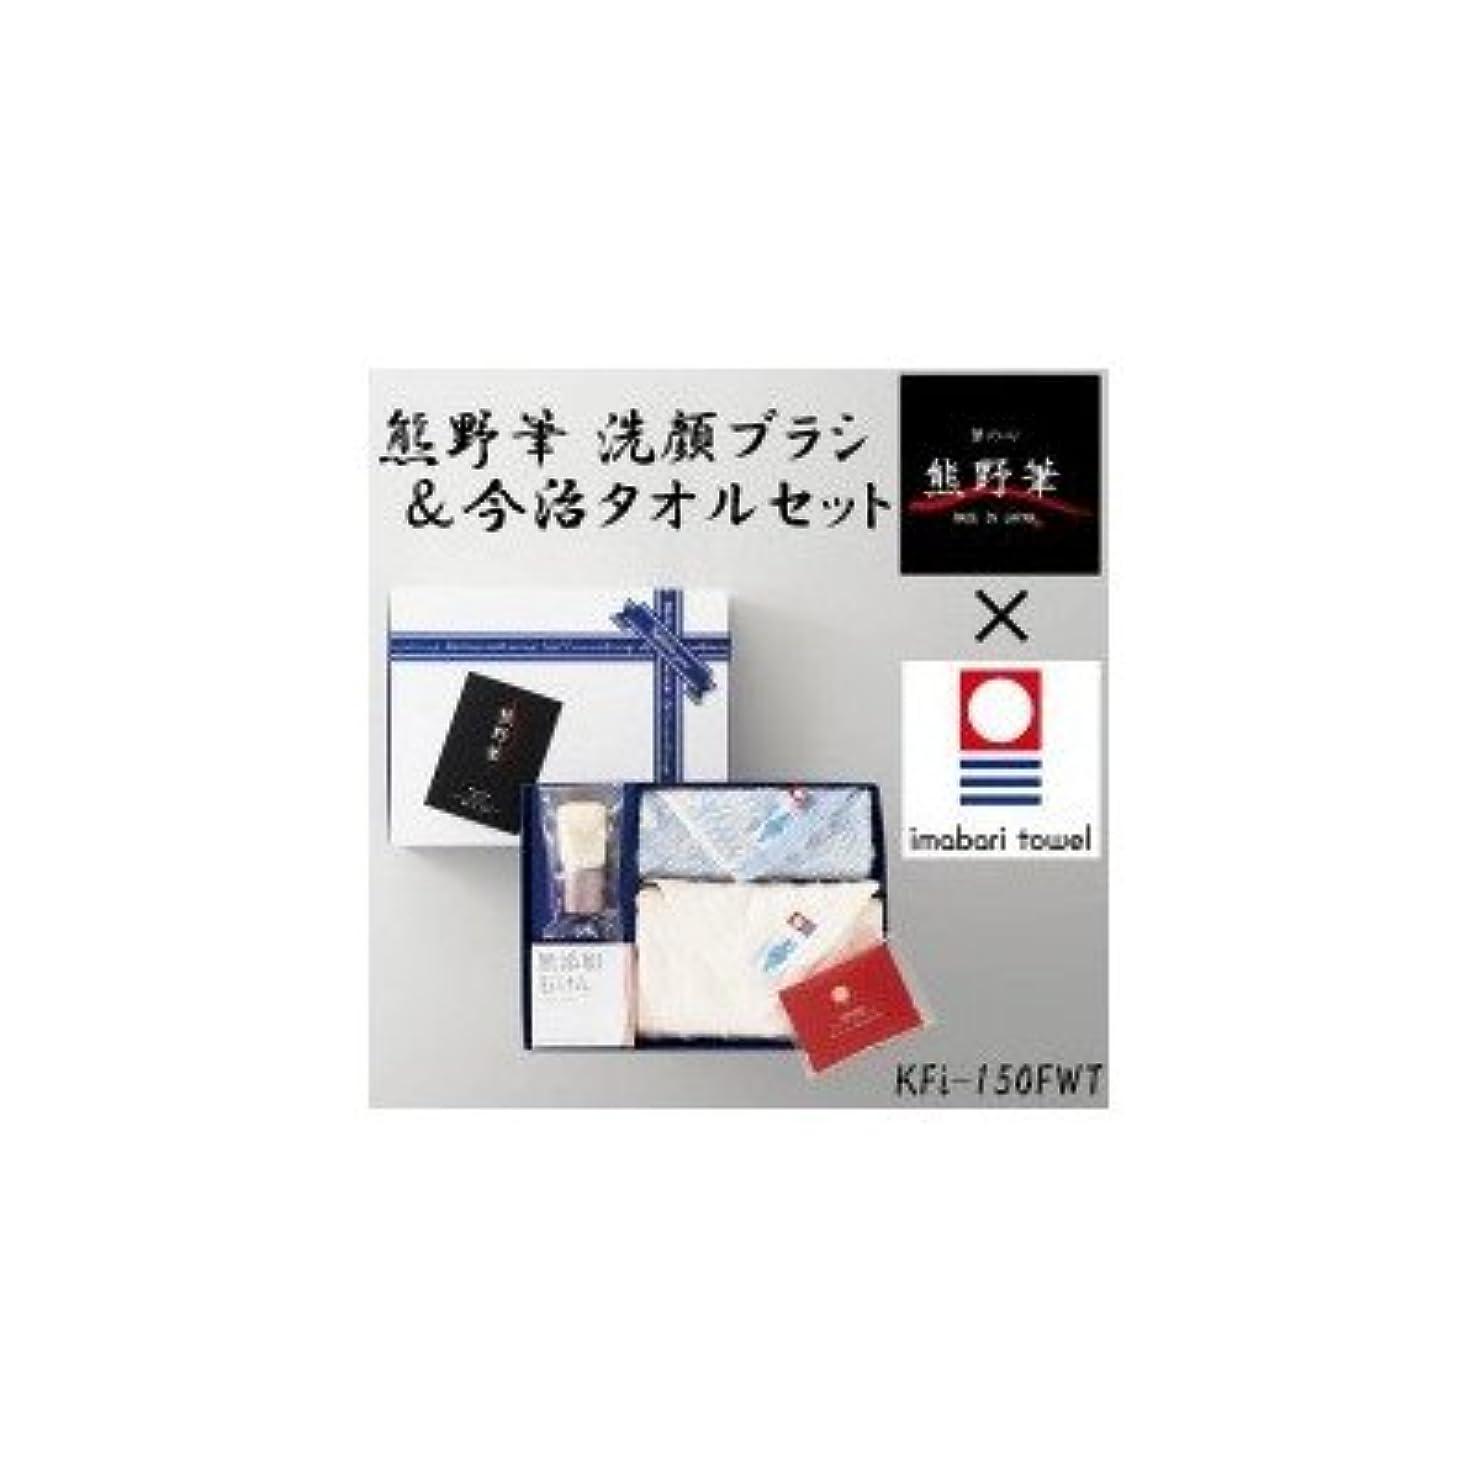 カウントアップ唯一スタウト熊野筆と今治タオルのコラボレーション 熊野筆 洗顔ブラシ&今治タオルセット KFi-150FWT